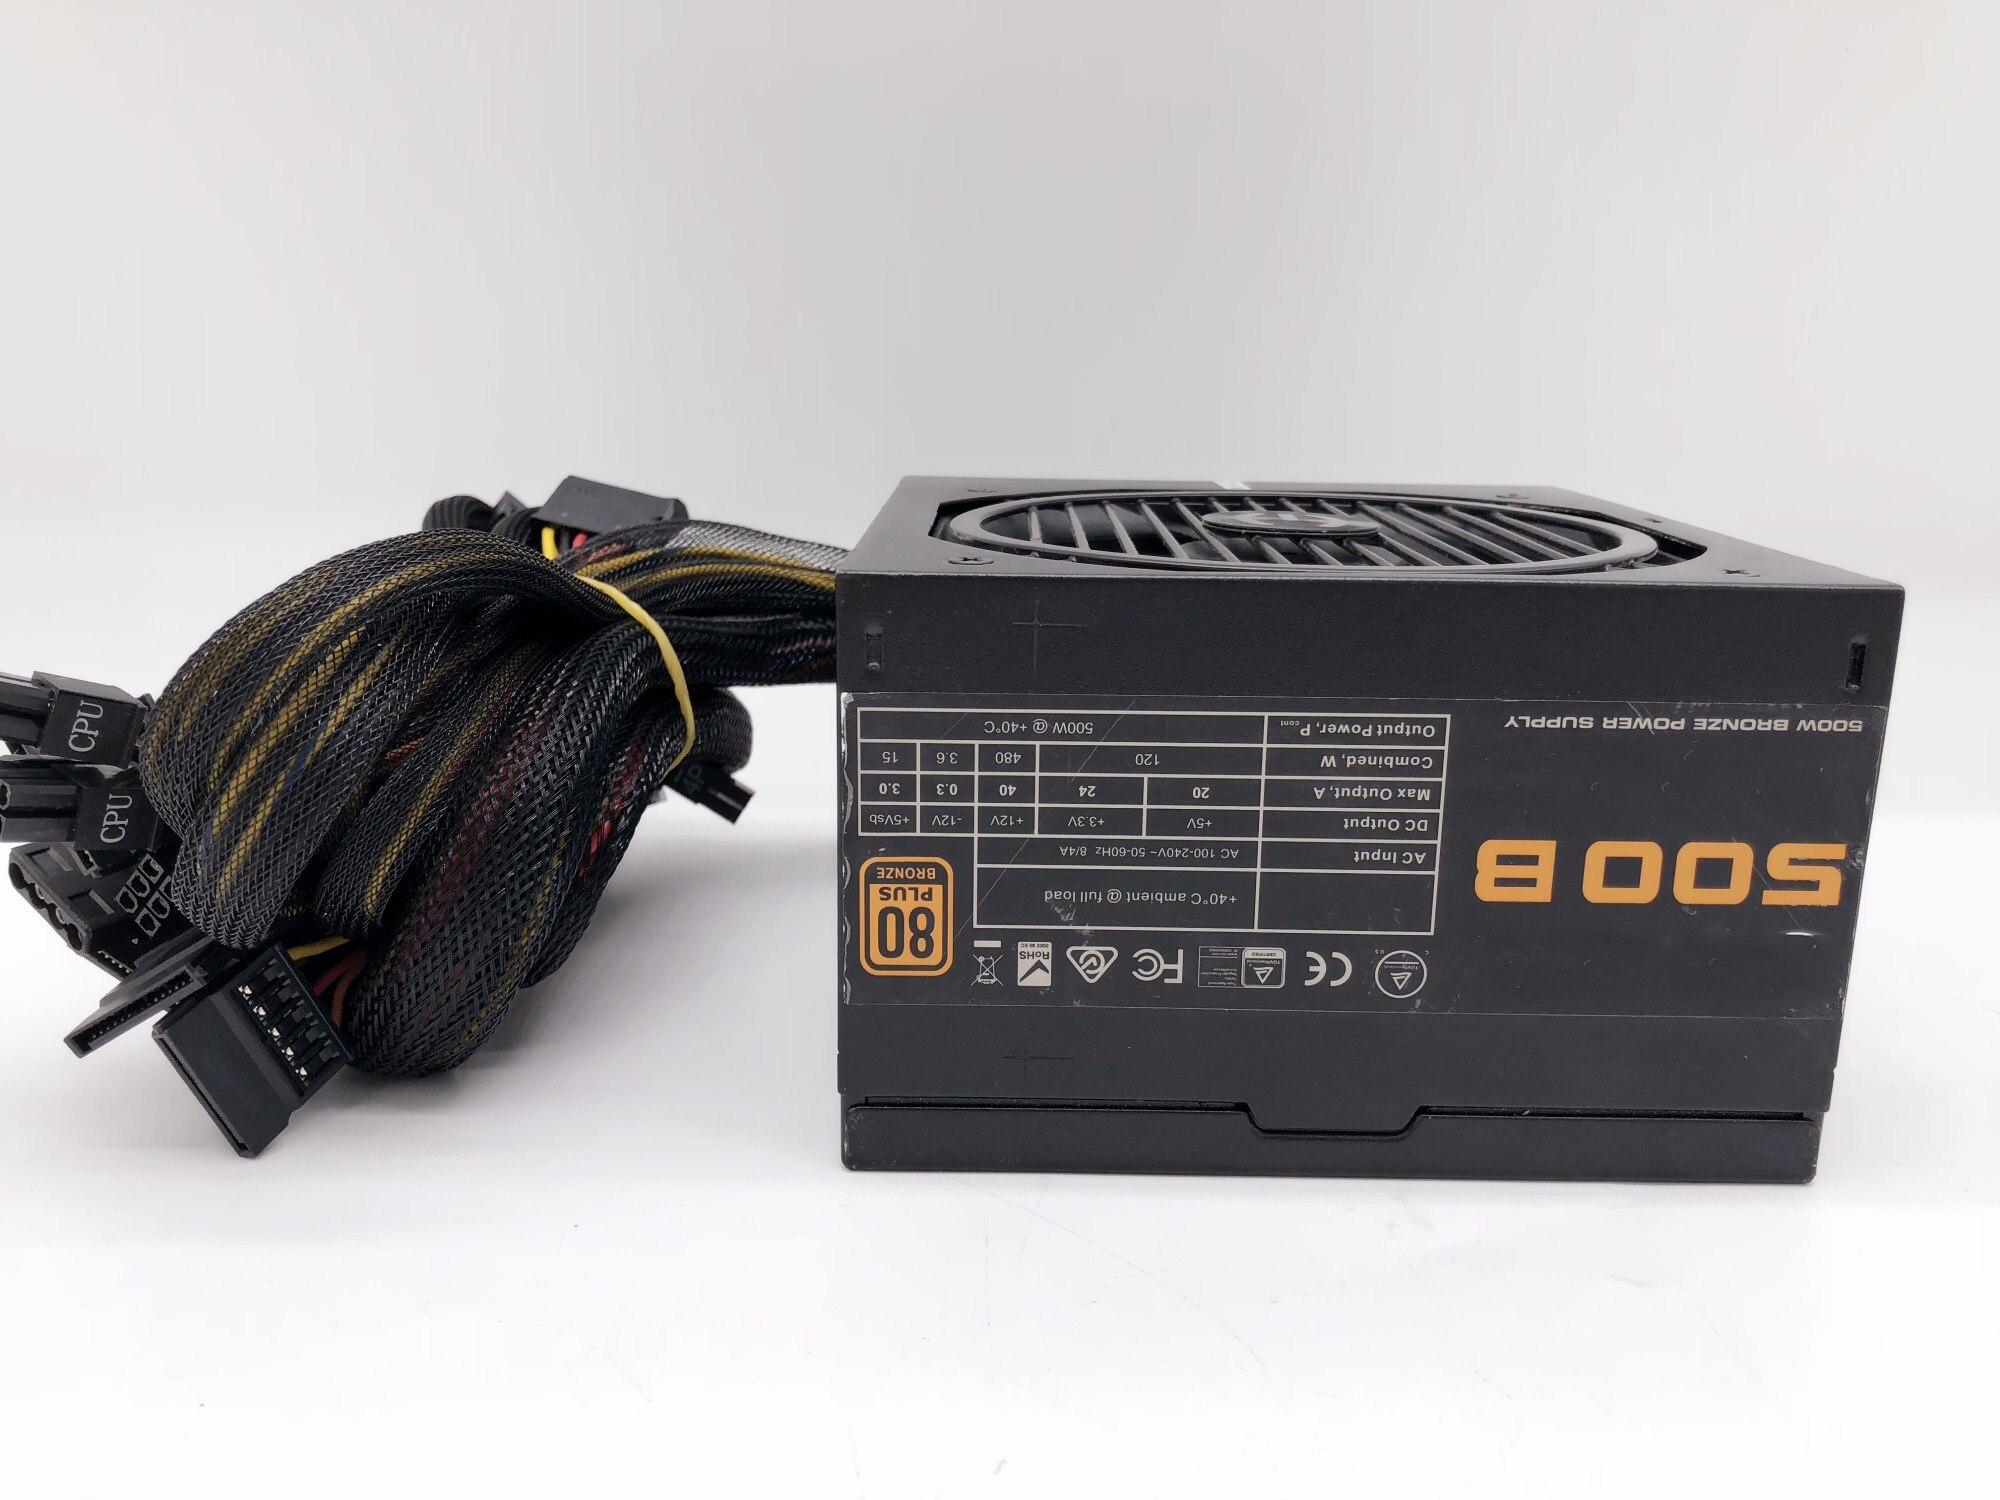 80 Plus Bronze Netzteil Evga500b Bewertet 500 Watt Verwendet Original Niedriger Preis Ultra-ruhigen Power Versorgung Test Funktionierte